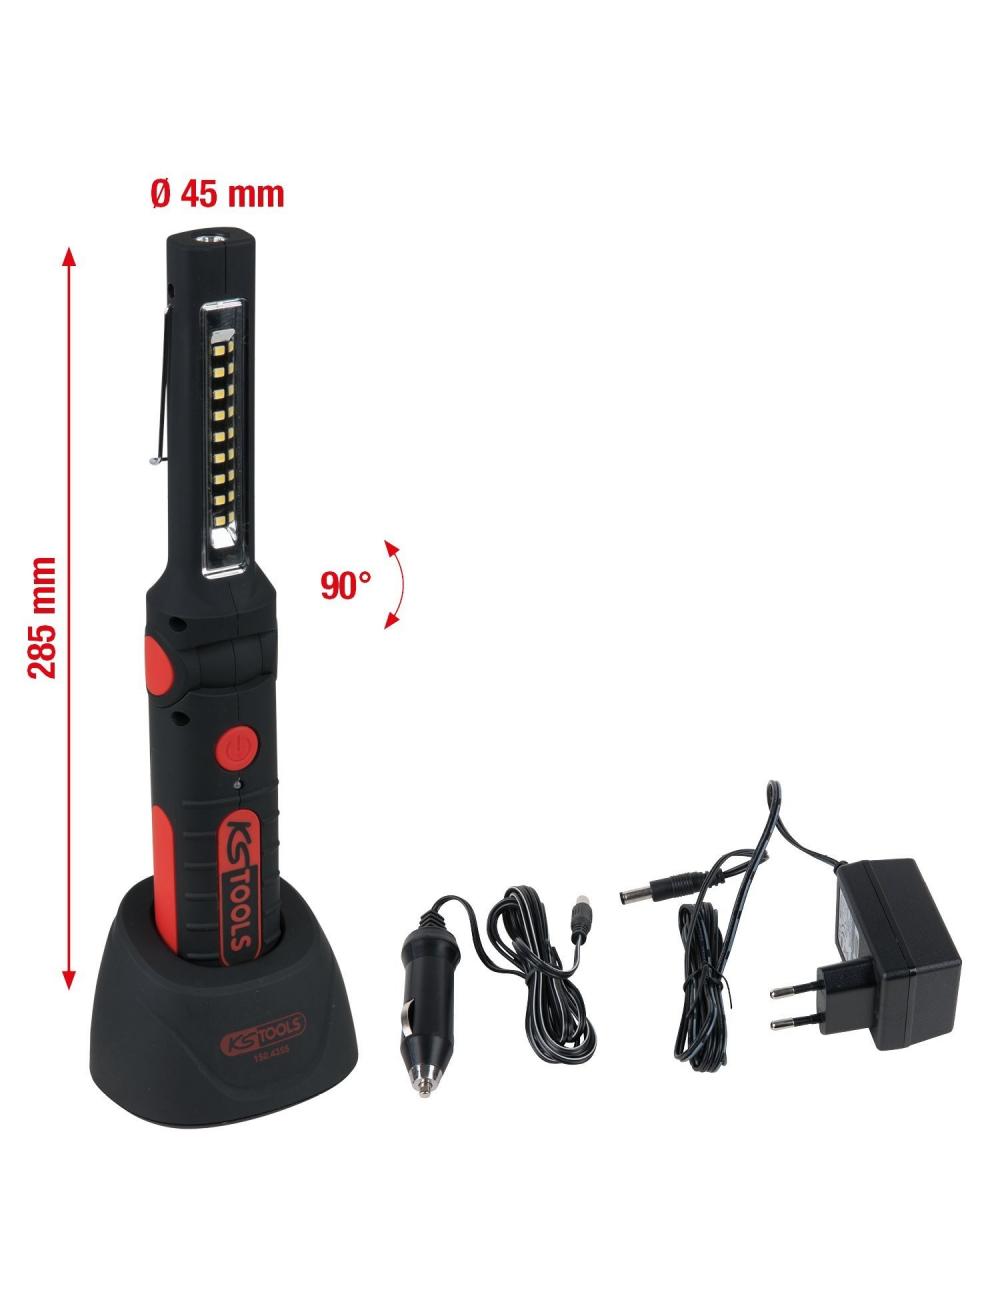 Baladeuse à LED SMD 9 + 1 KS TOOLS